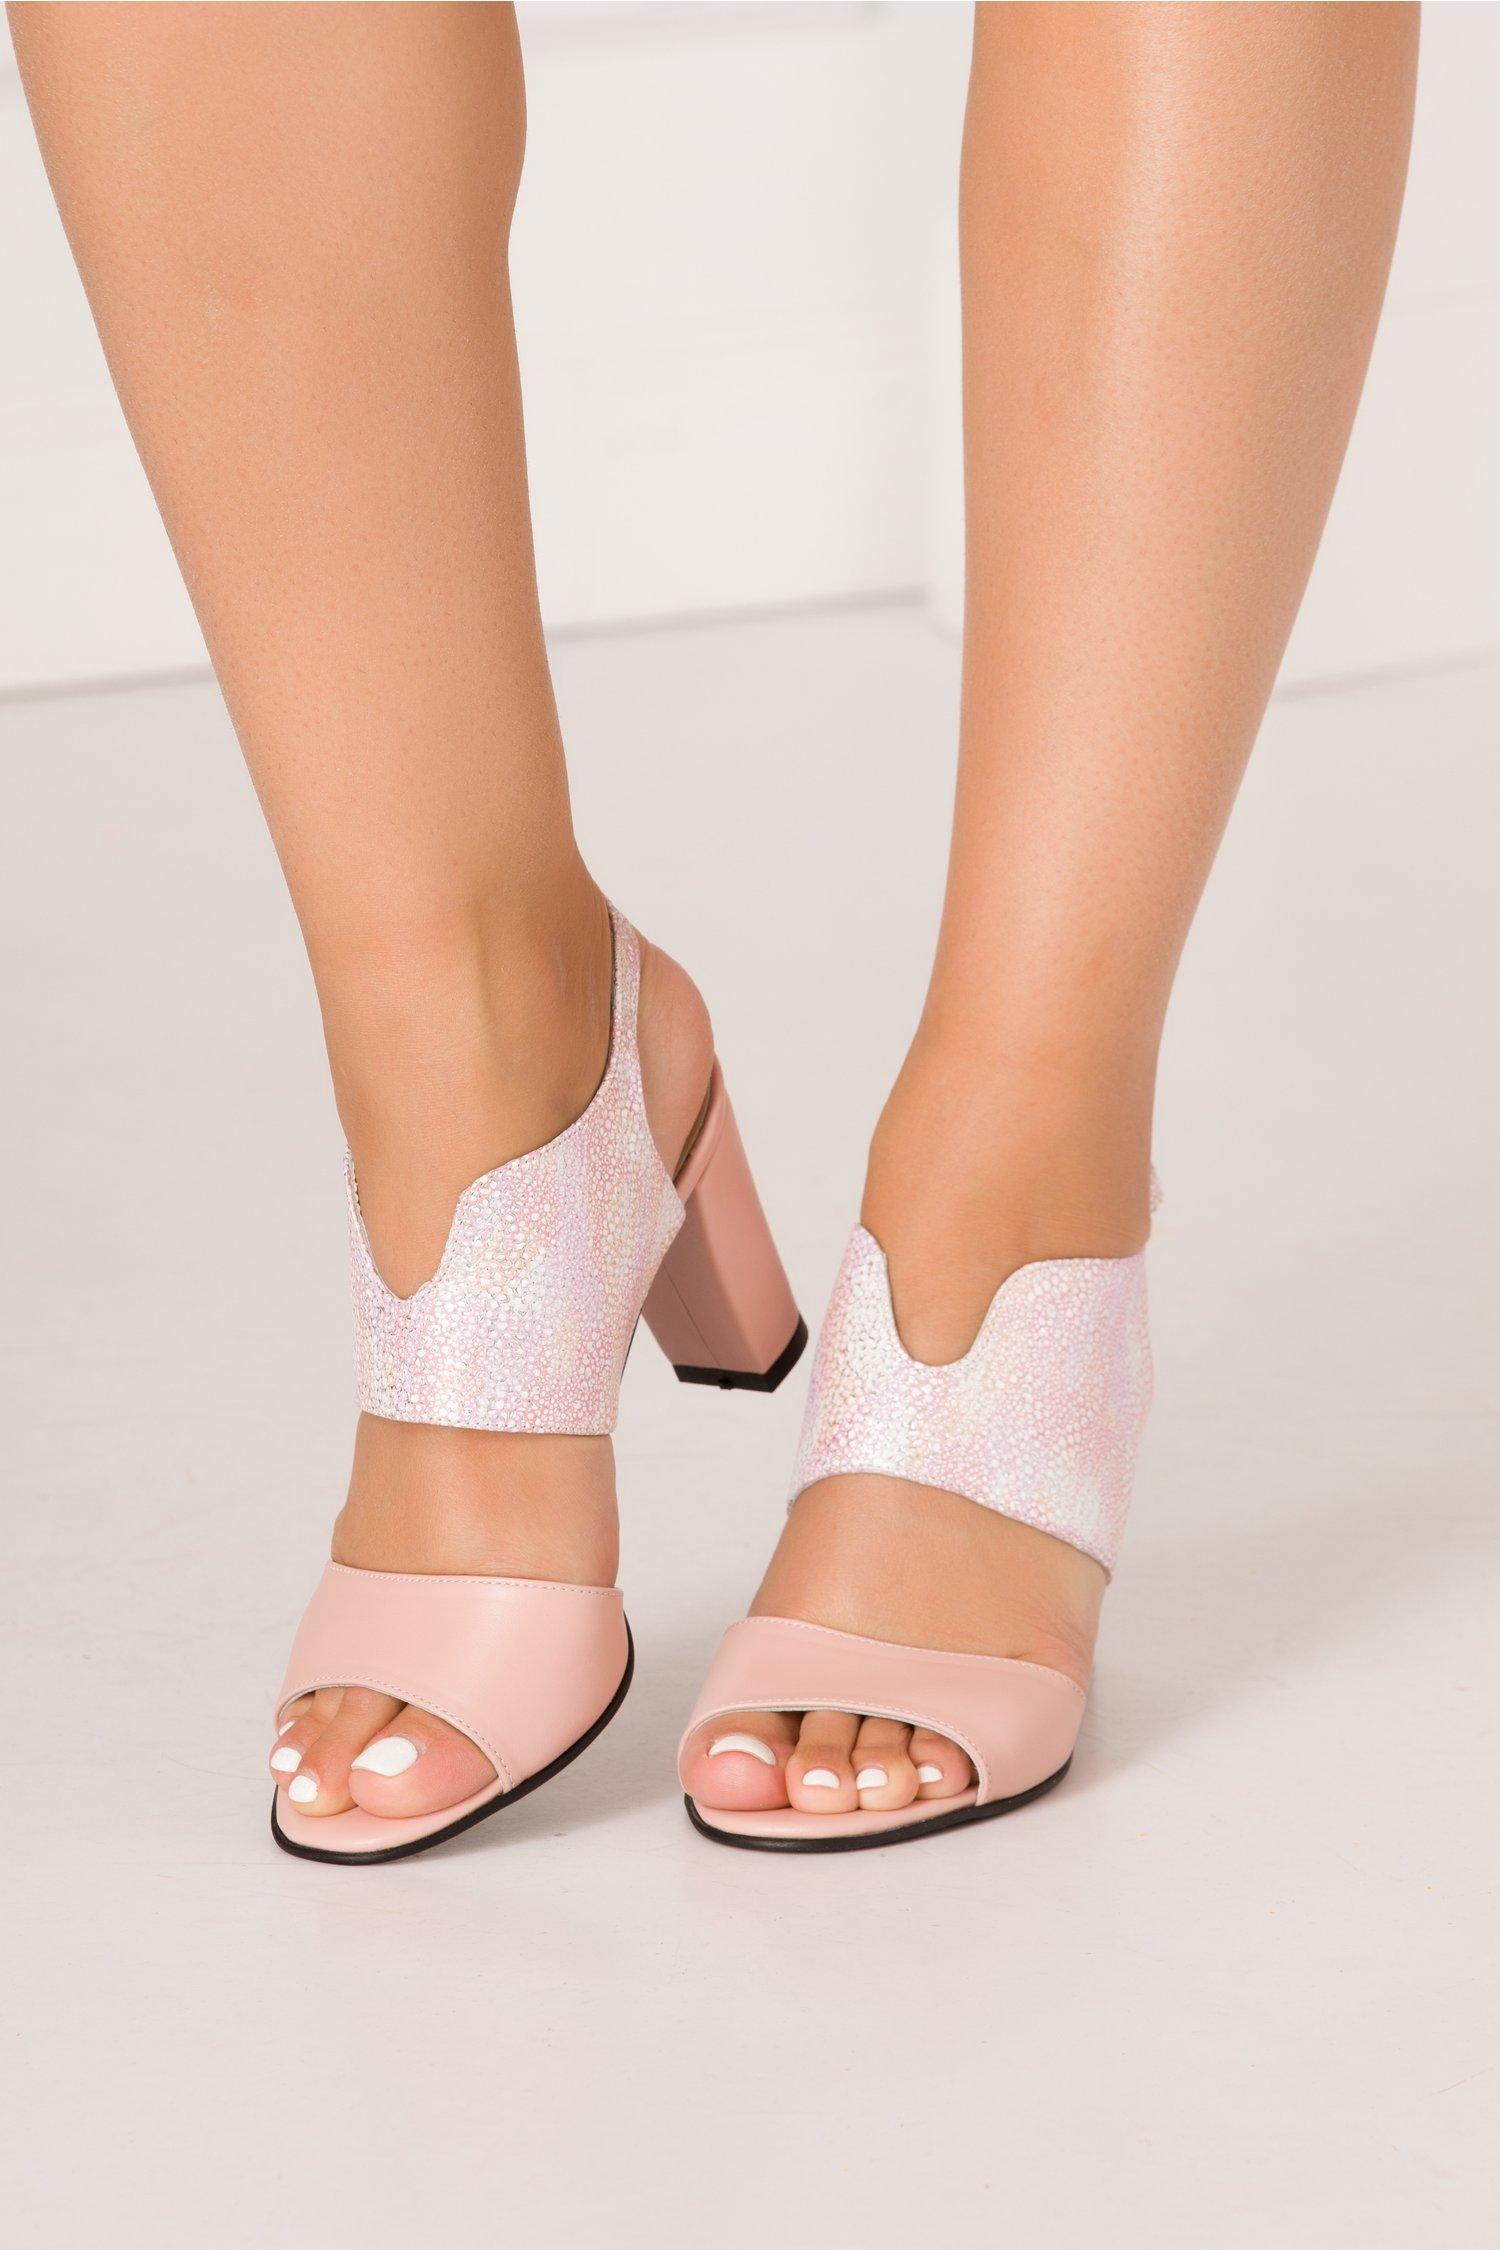 Sandale roz pudrat cu design deosebit si imprimeu cu picatele argintii